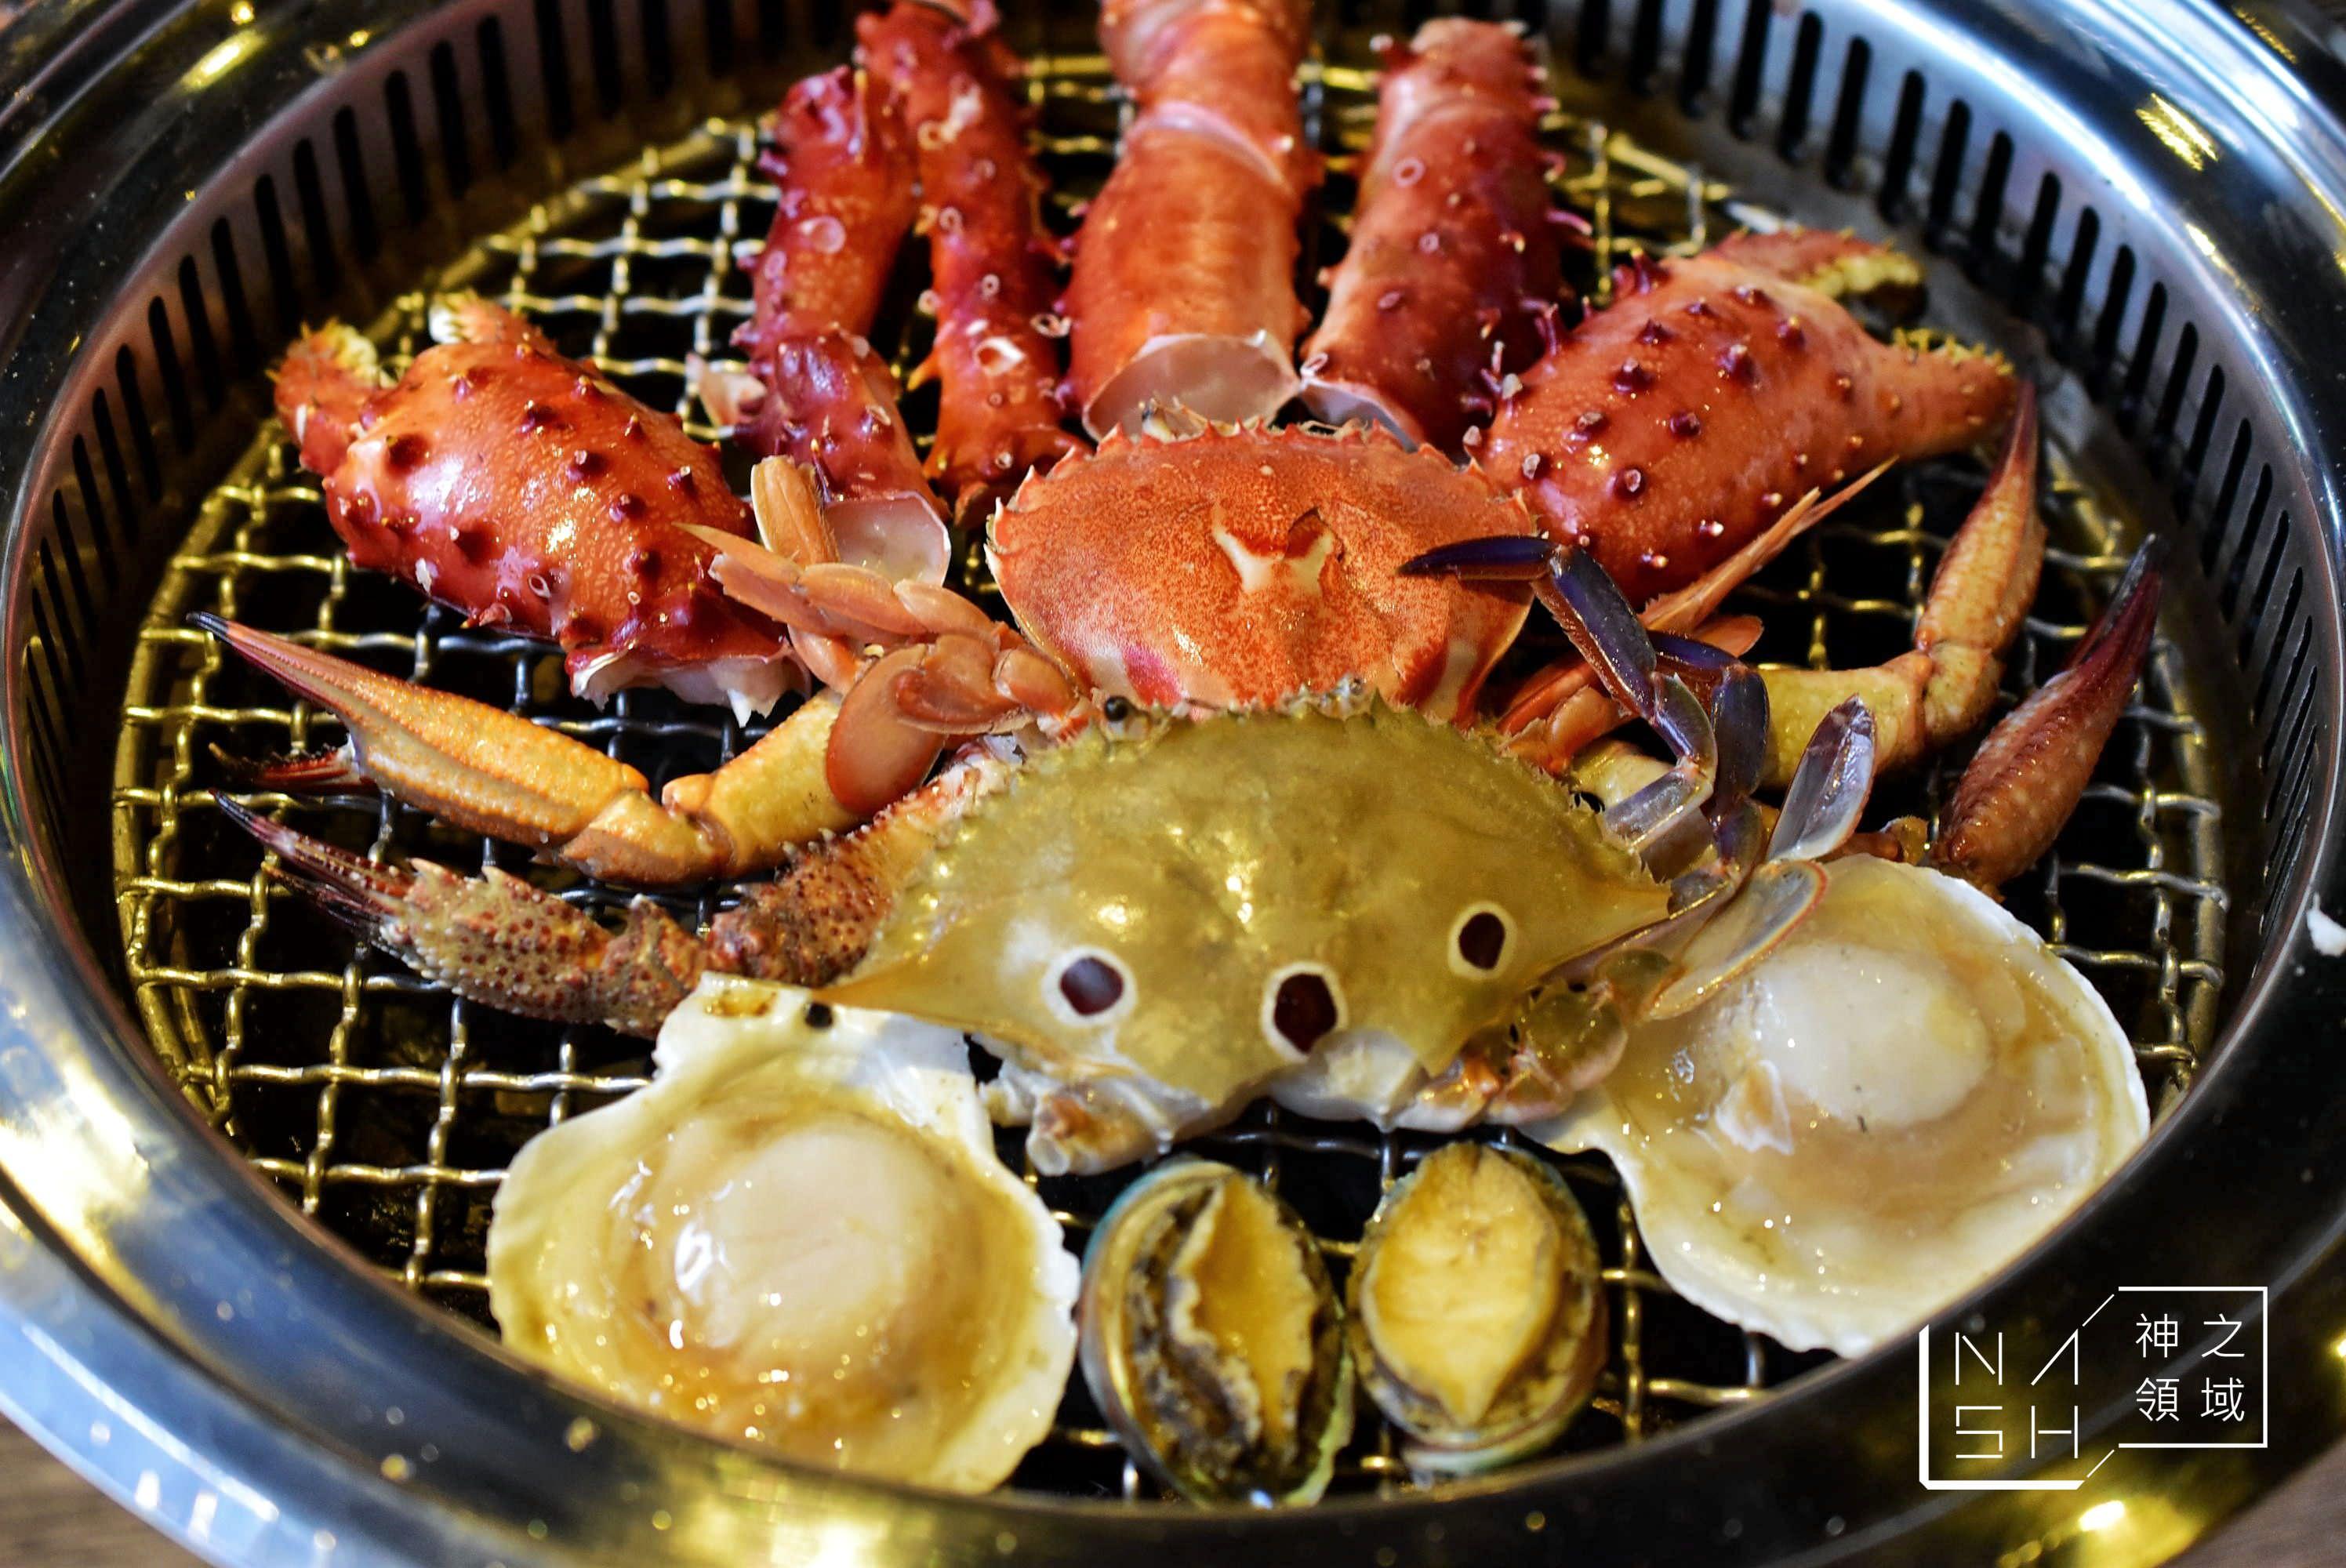 上禾町日式燒肉 @Nash,神之領域